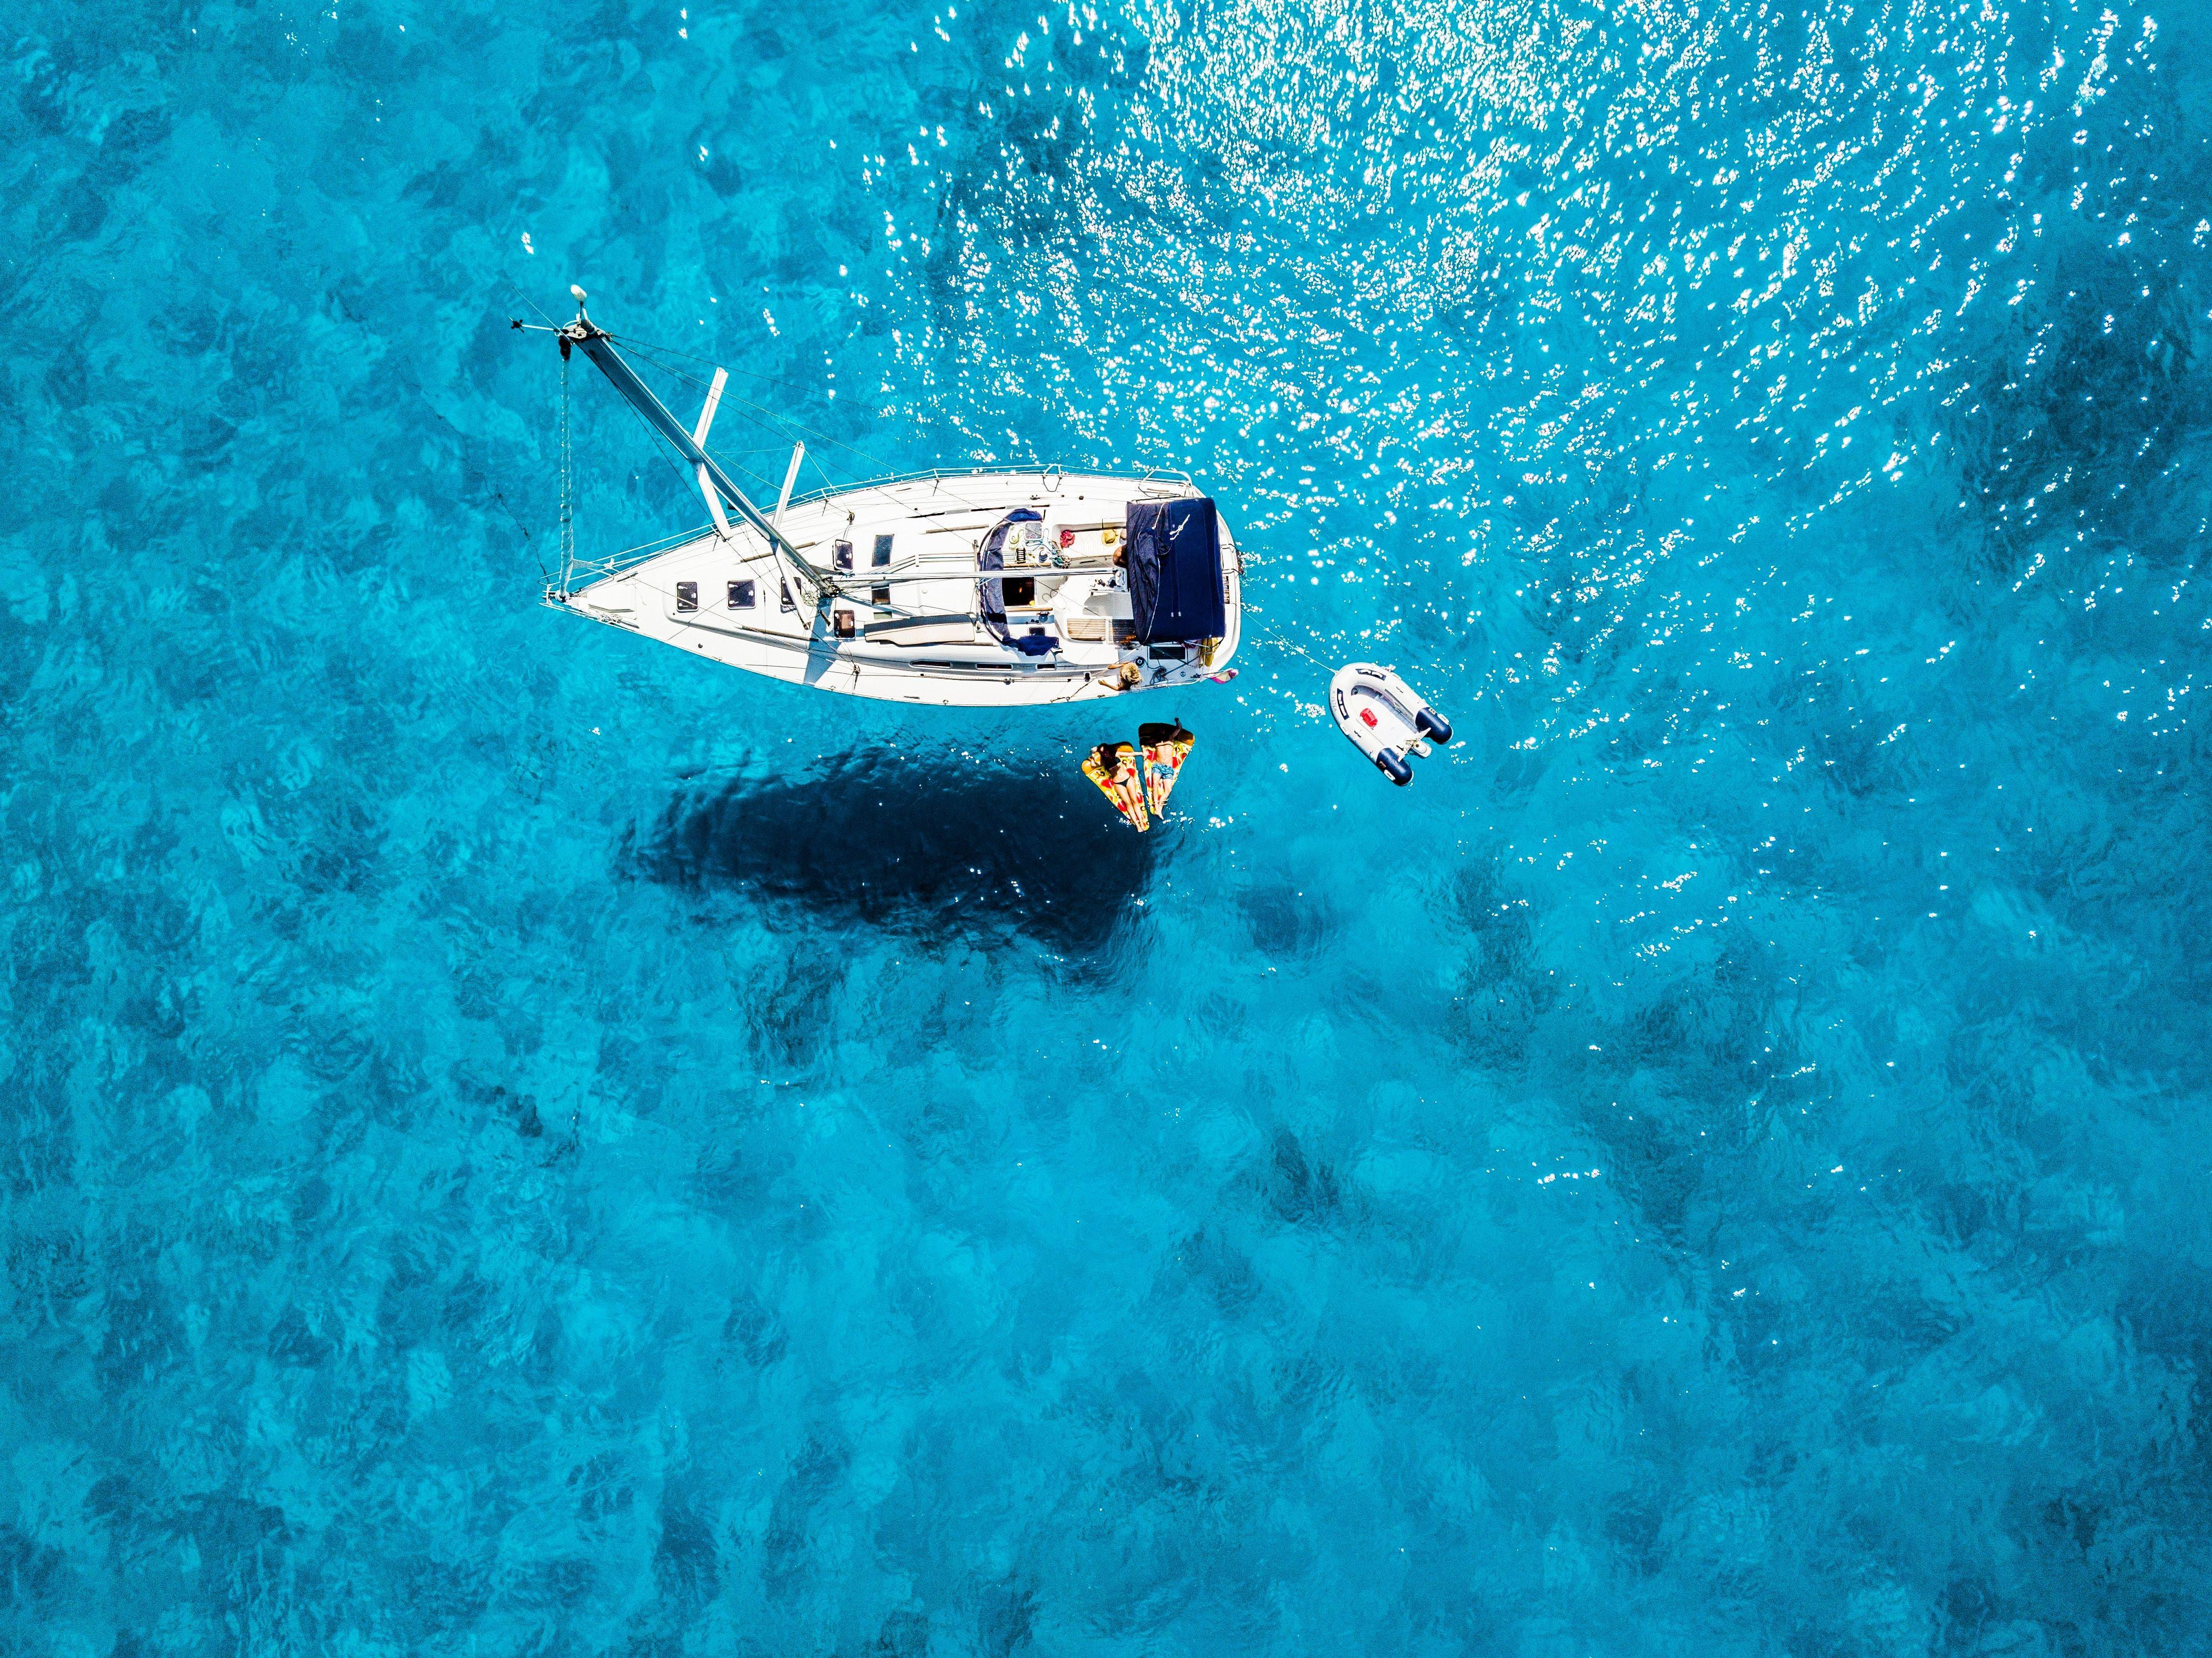 El turismo náutico crece un 85% respecto al 2020